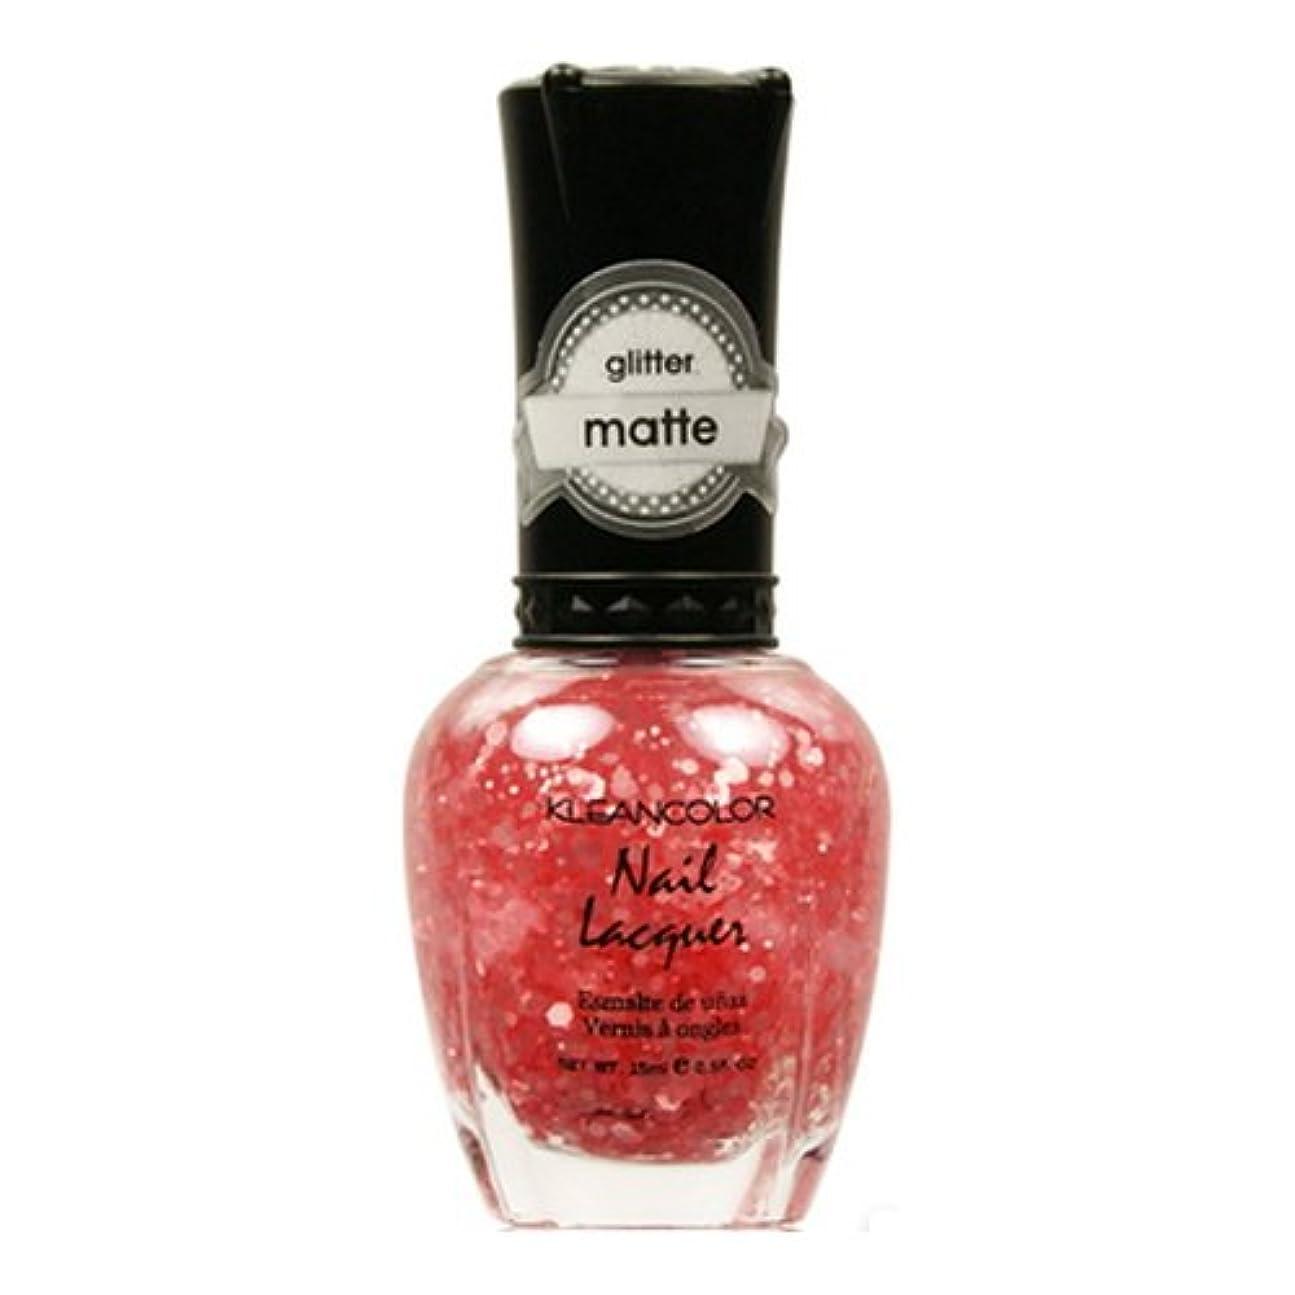 資産犯人完璧KLEANCOLOR Glitter Matte Nail Lacquer - Blush Pink (並行輸入品)